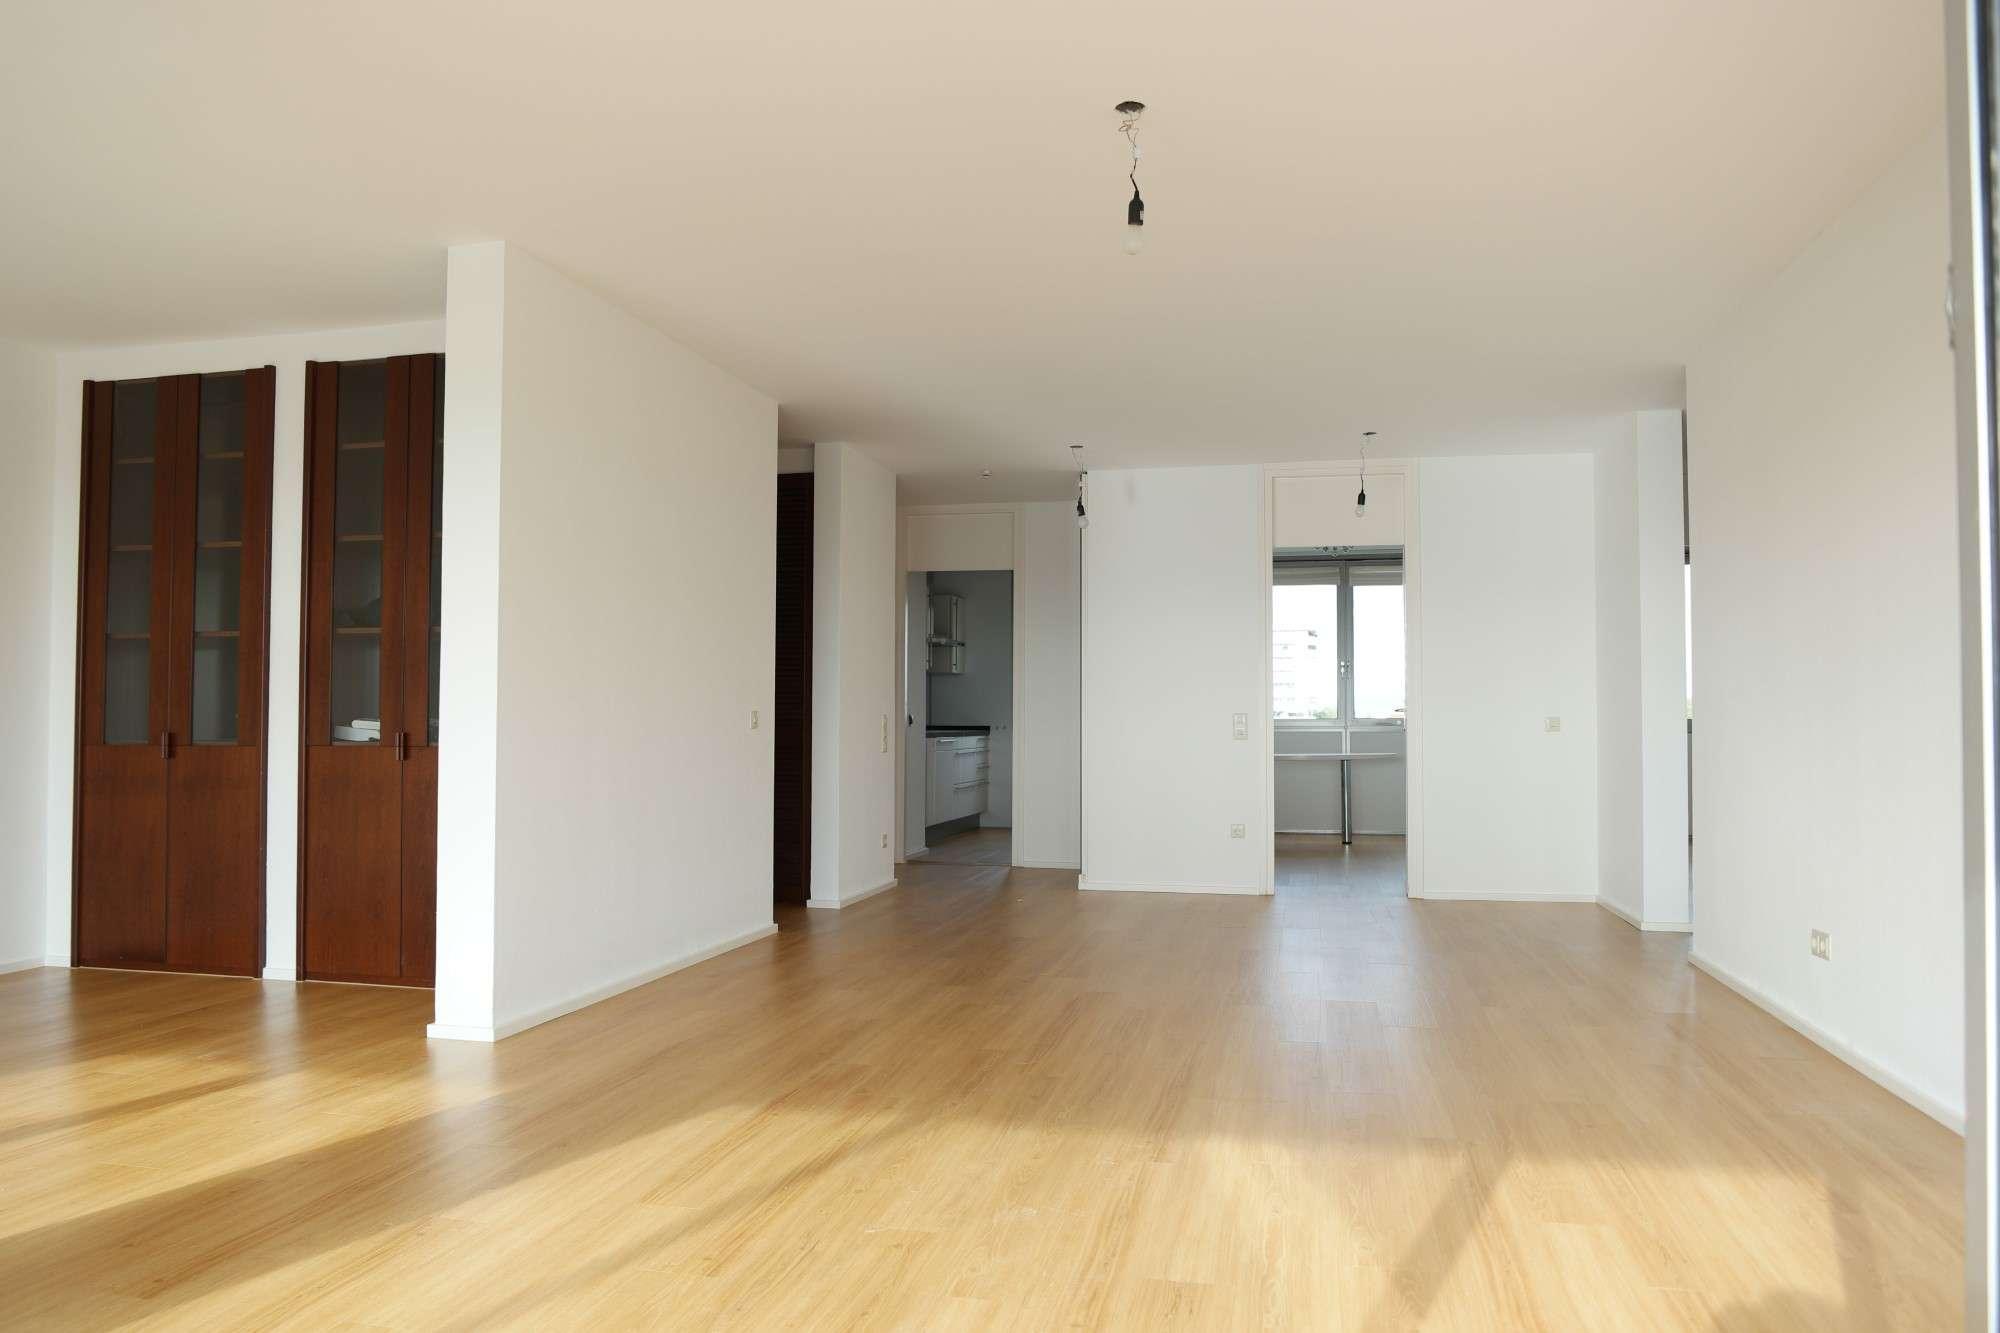 Am Englischen Garten,  renovierte 4,5-Zimmer-Wohnung mit Balkon und EBK in Schwabing, München in Schwabing (München)